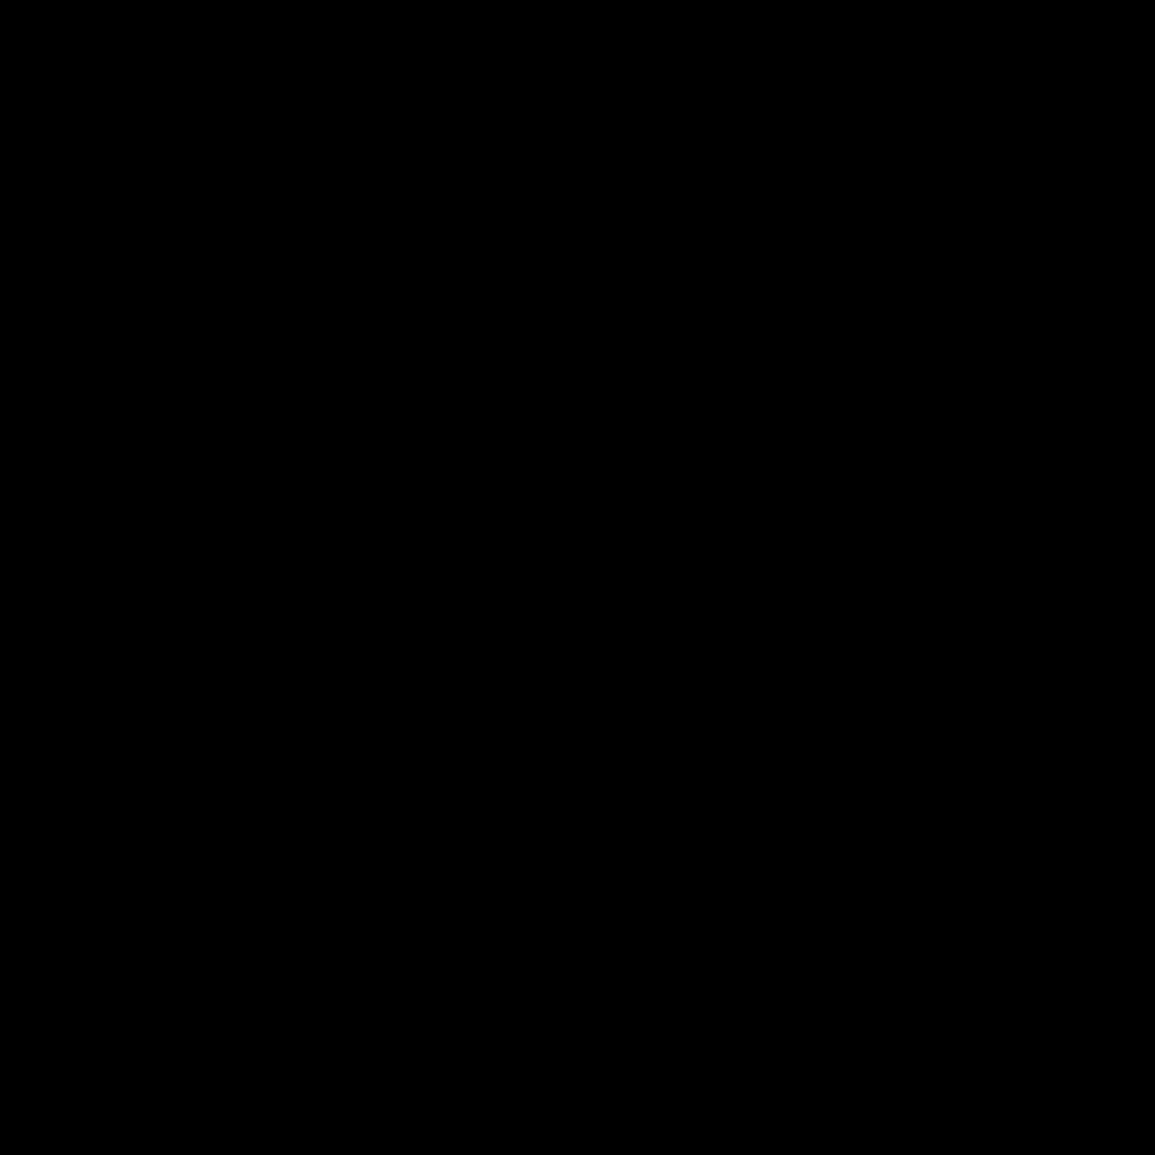 ルリール B BRUR 字形見本